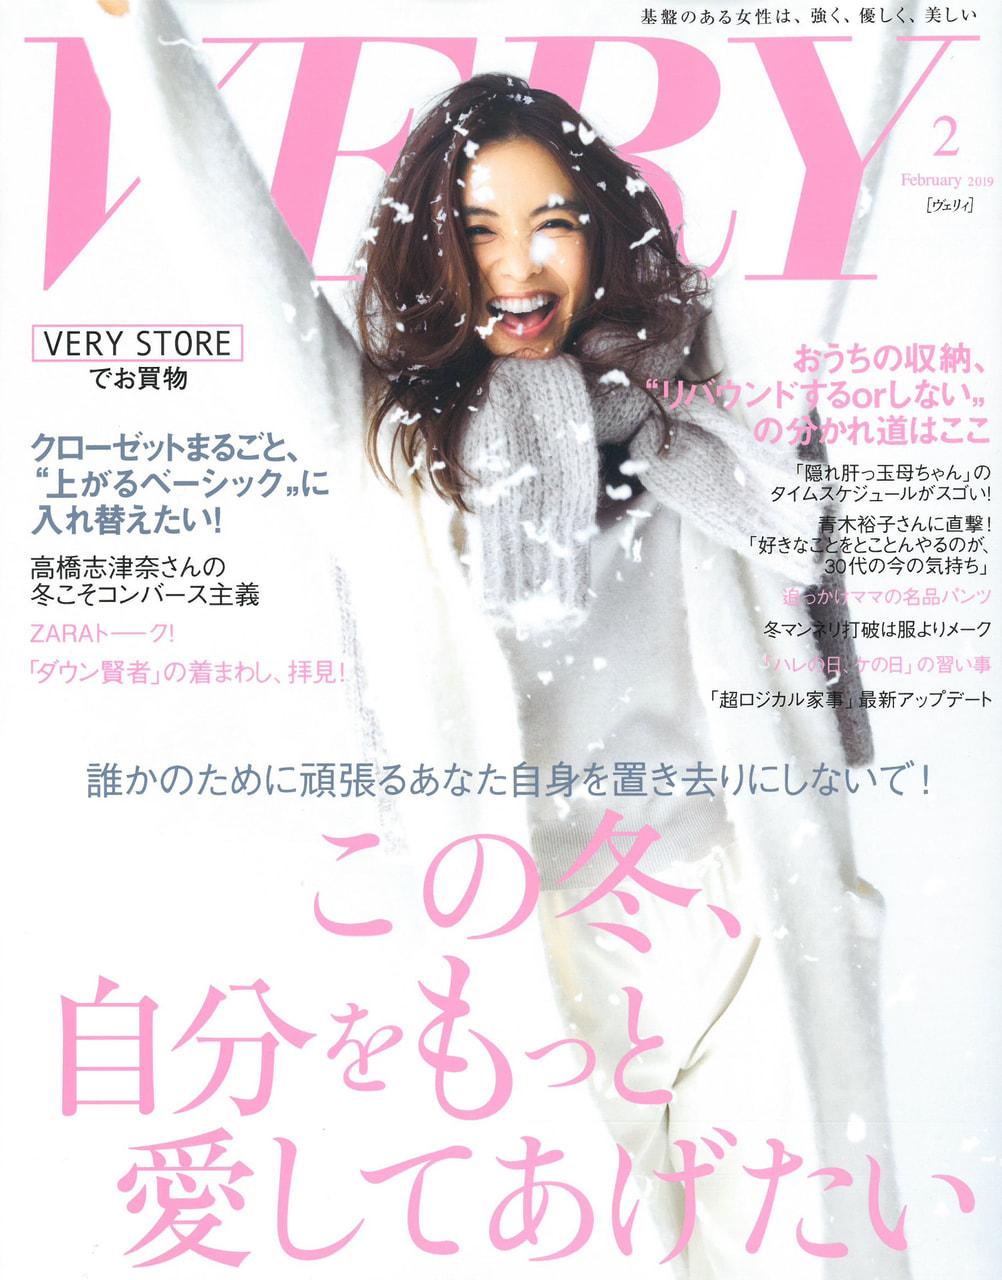 VERY2月号(2019年1月7日発売)